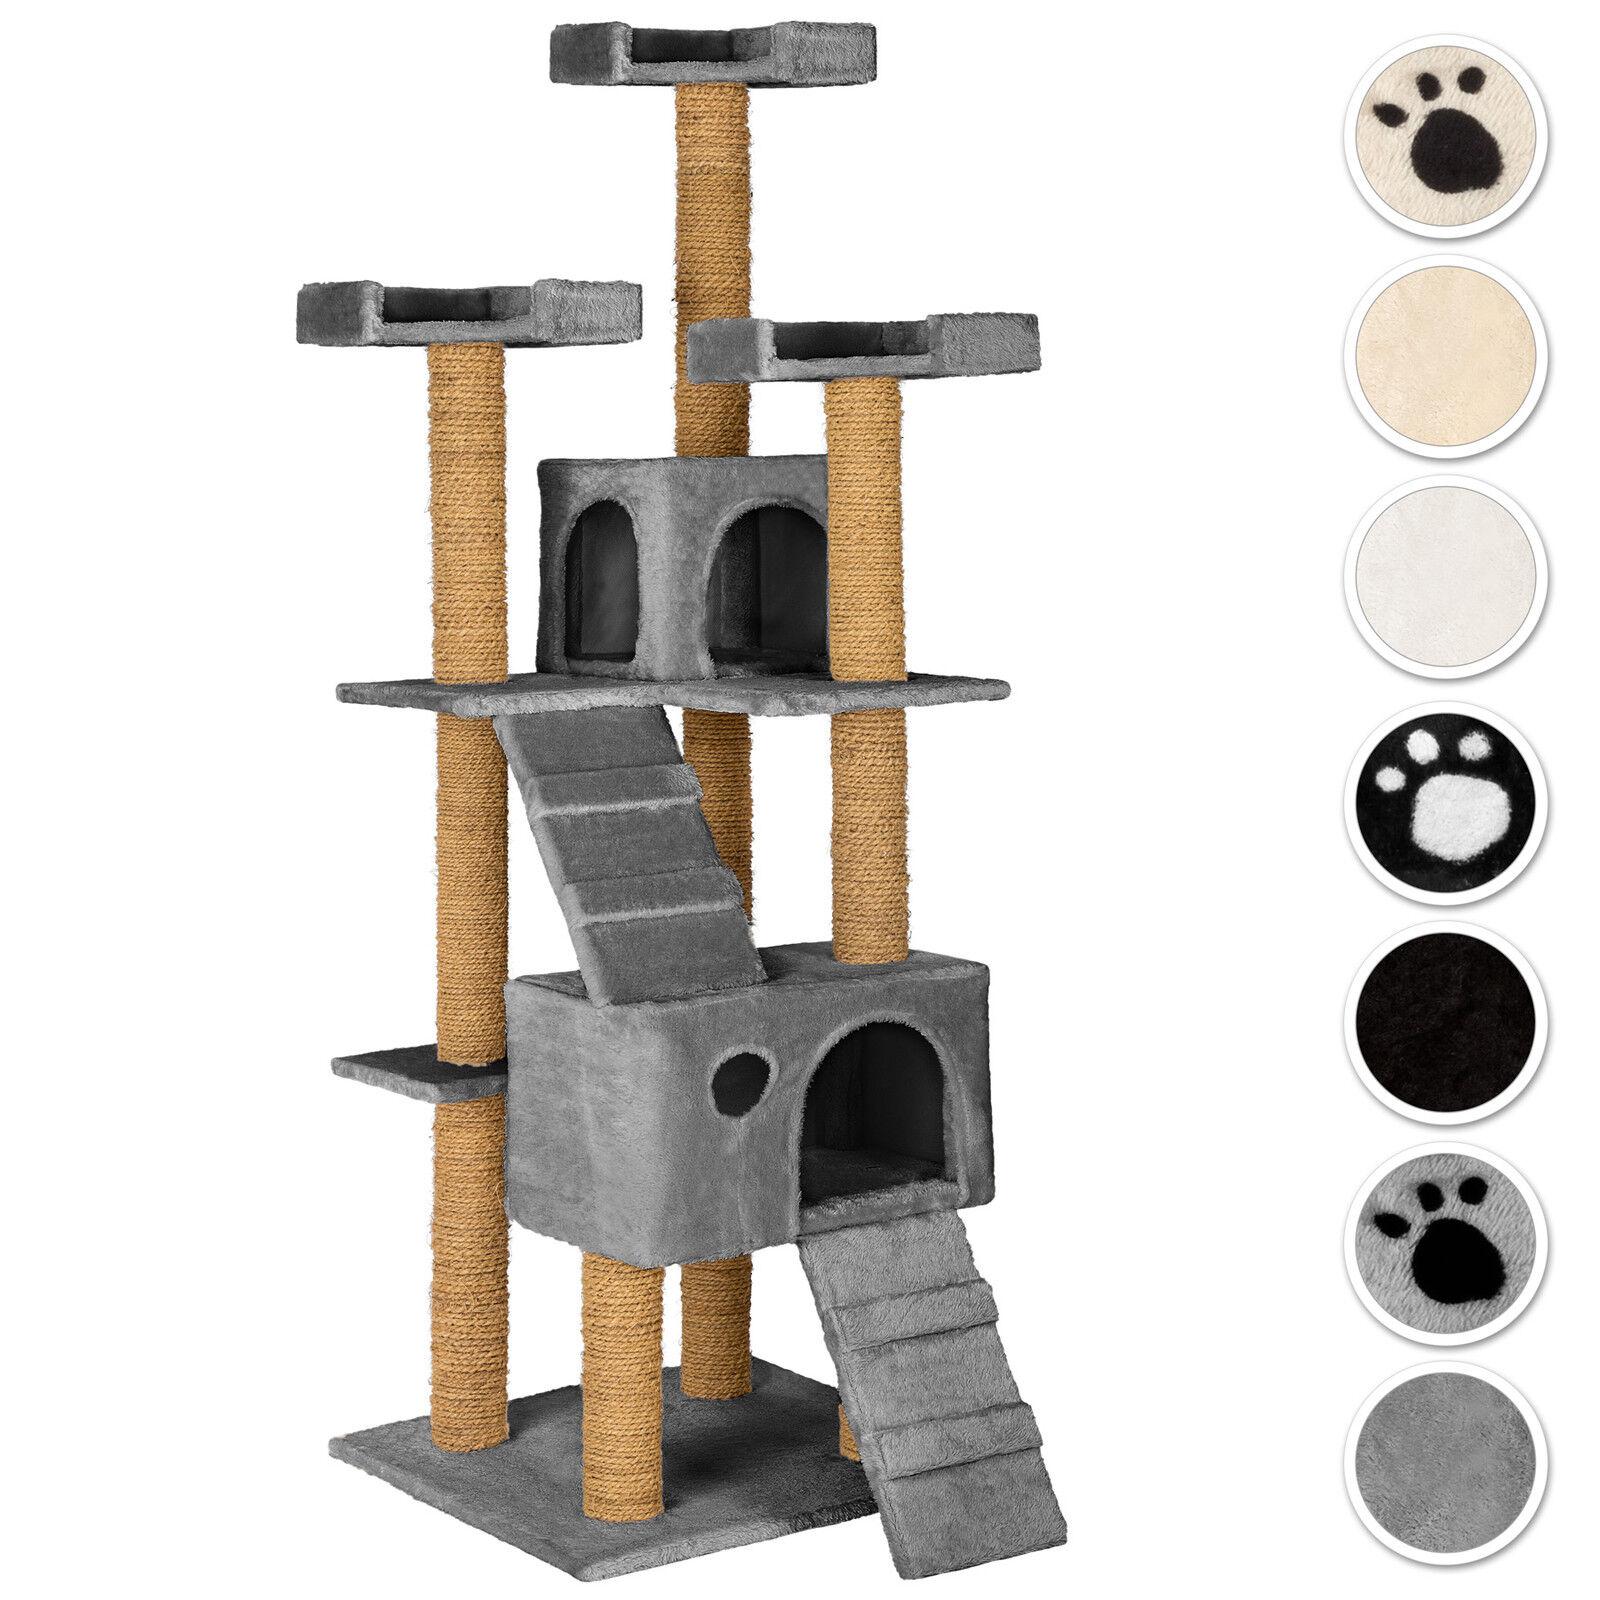 Arbre à chat griffoir grattoir jouet geant 2 grossotes 169cm pour chats